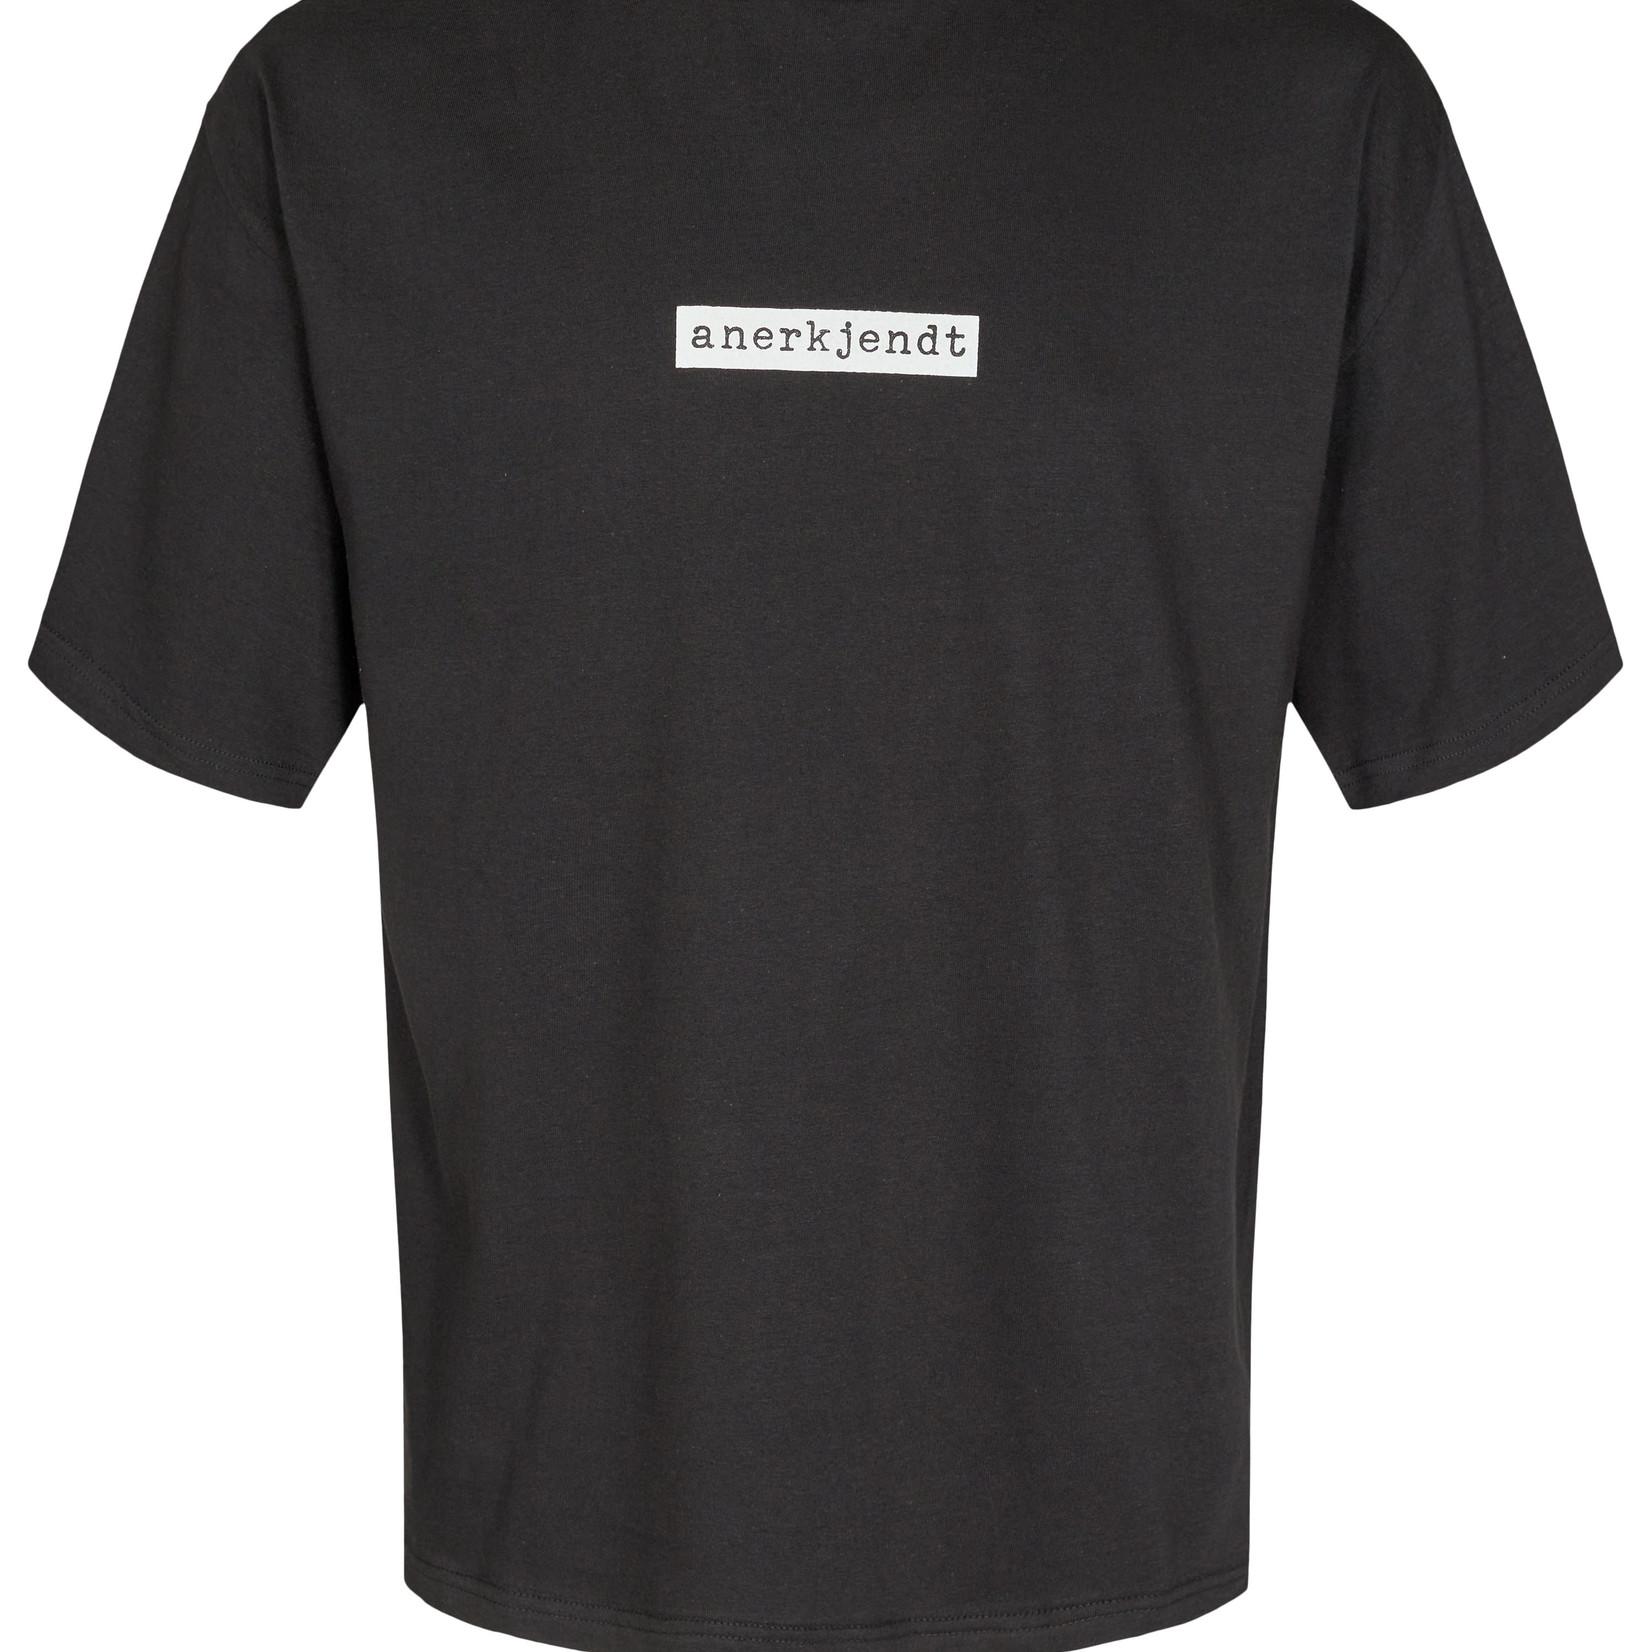 ANERKJENDT AKHOLGER logo tshirt